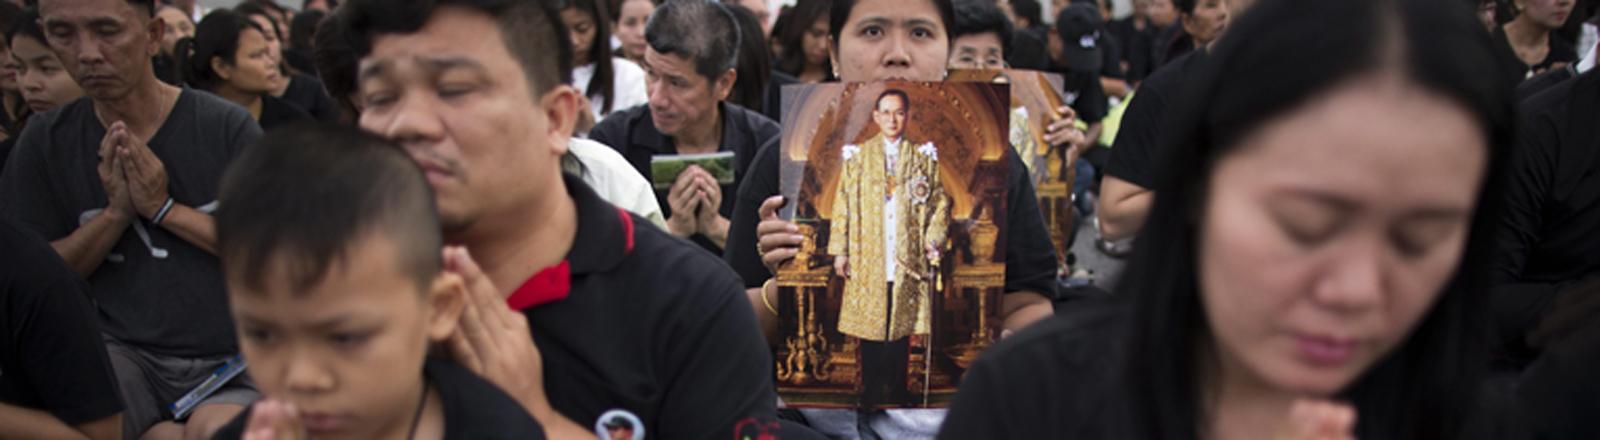 Thailänder trauern um den verstorbenen König Bhumibol.